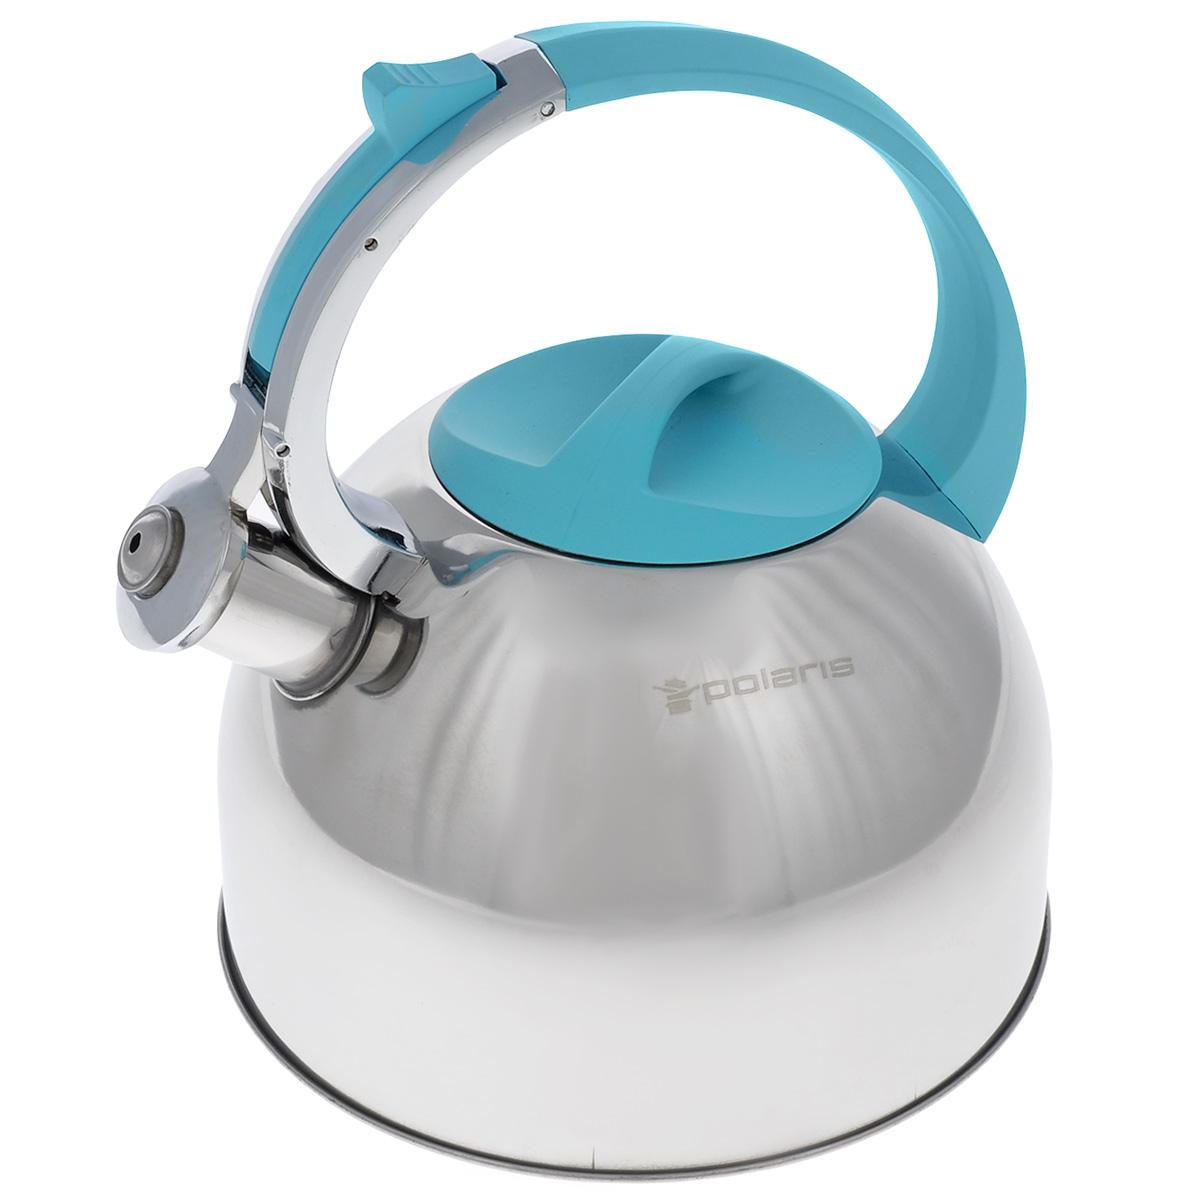 Чайник Polaris Sound со свистком, цвет: стальной, голубой, 3 лVT-1520(SR)Чайник Polaris Sound изготовлен из высококачественной нержавеющей стали 18/10. Съемная крышка позволяет легко наполнить чайник водой и обеспечить доступ для мытья. Чайник оповещает о вскипании мелодичным свистом. Клапан на носике открывается нажатием кнопки на ручке. Эргономичная ручка выполнена из бакелита с покрытием Soft touch, не нагревается и не скользит в руке.Зеркальная полировка придает посуде эстетичный вид.Подходит для всех типов плит, в том числе для индукционных.Высота стенок чайника: 14 см.Высота чайника (с учетом ручки): 24,5 см.